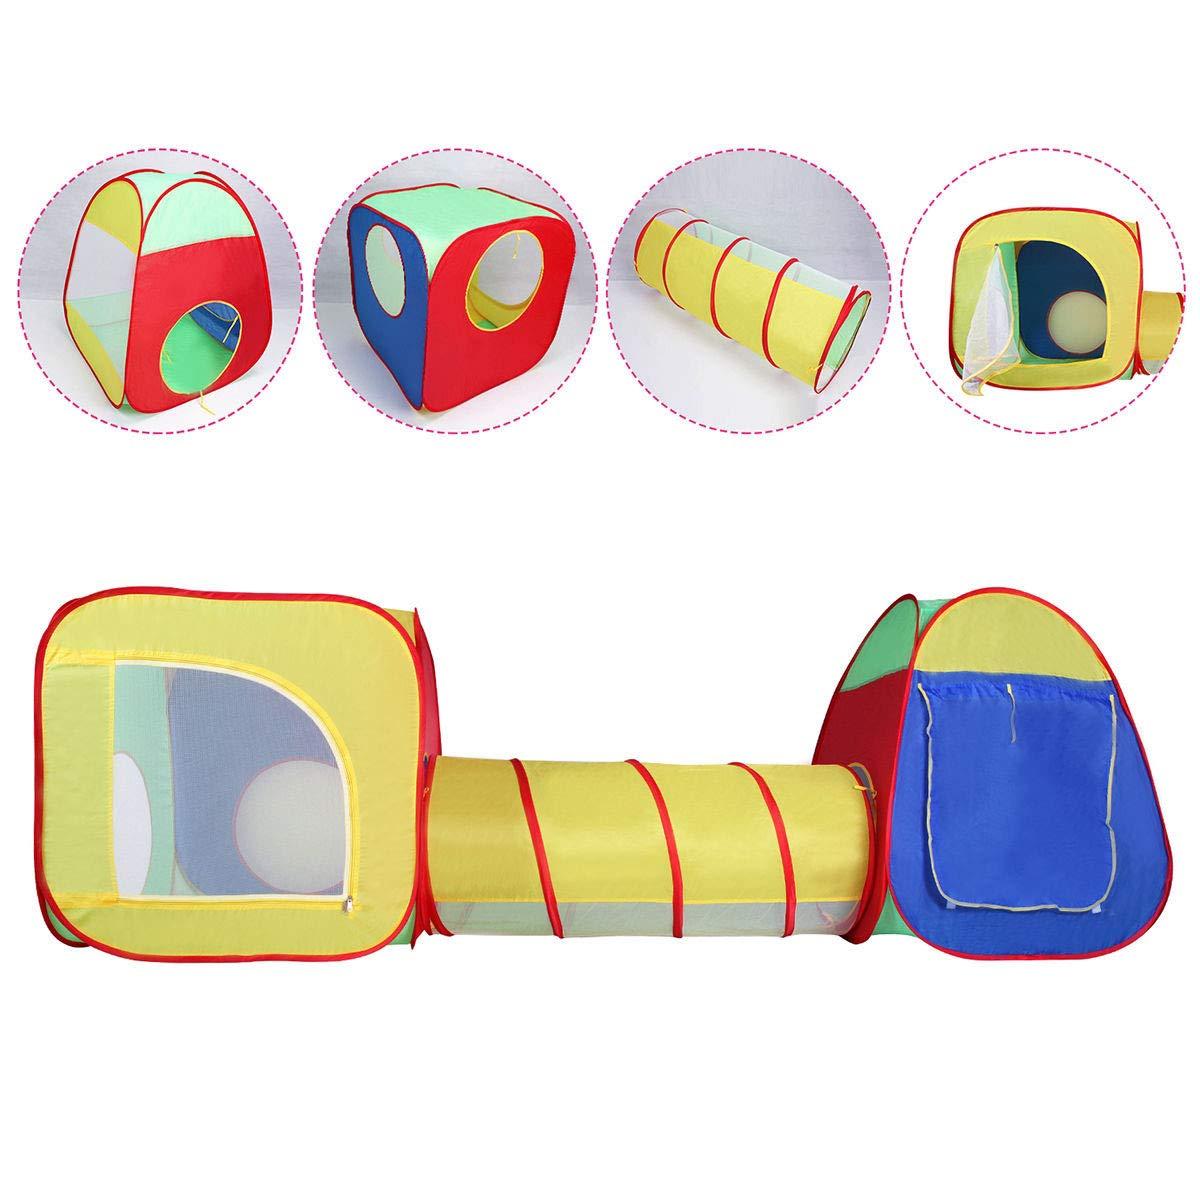 VeenShop 楽しい子供 子供 赤ちゃん遊び テント トンネルハウス アウトドア ポータブル 折りたたみ式 子供 ギフト B07PNDJZ5N